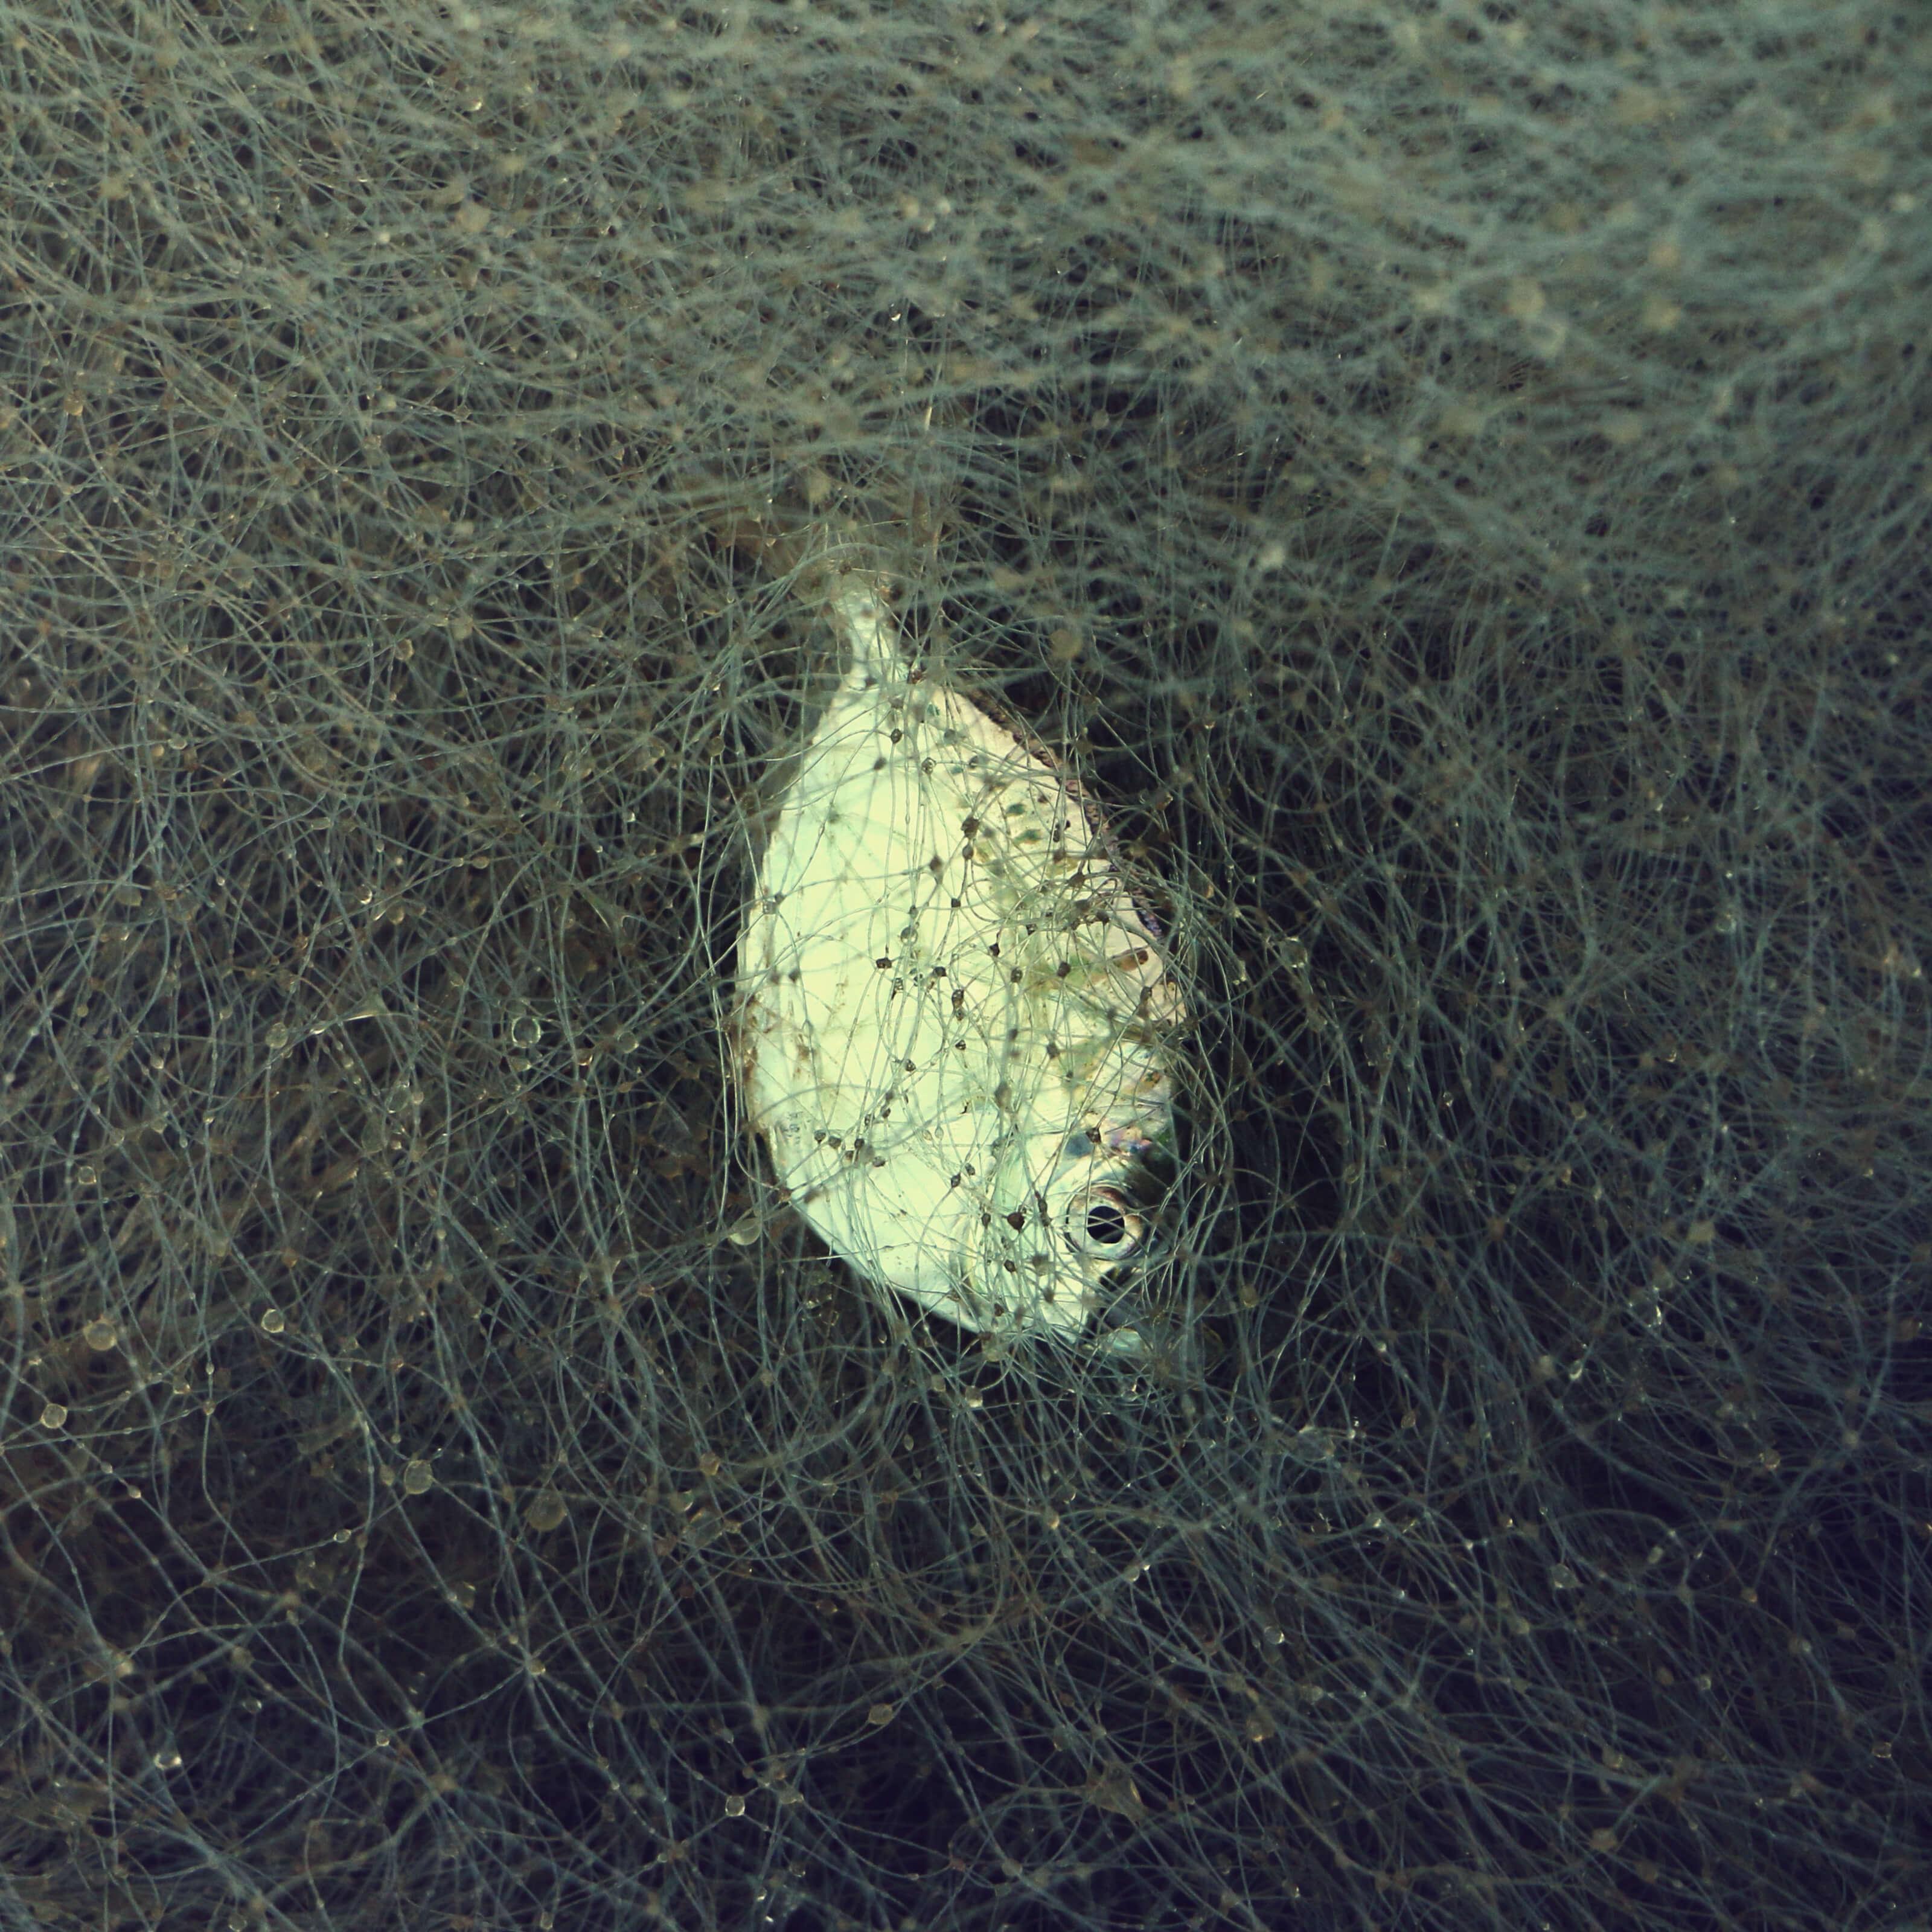 dead fish floating in water, net